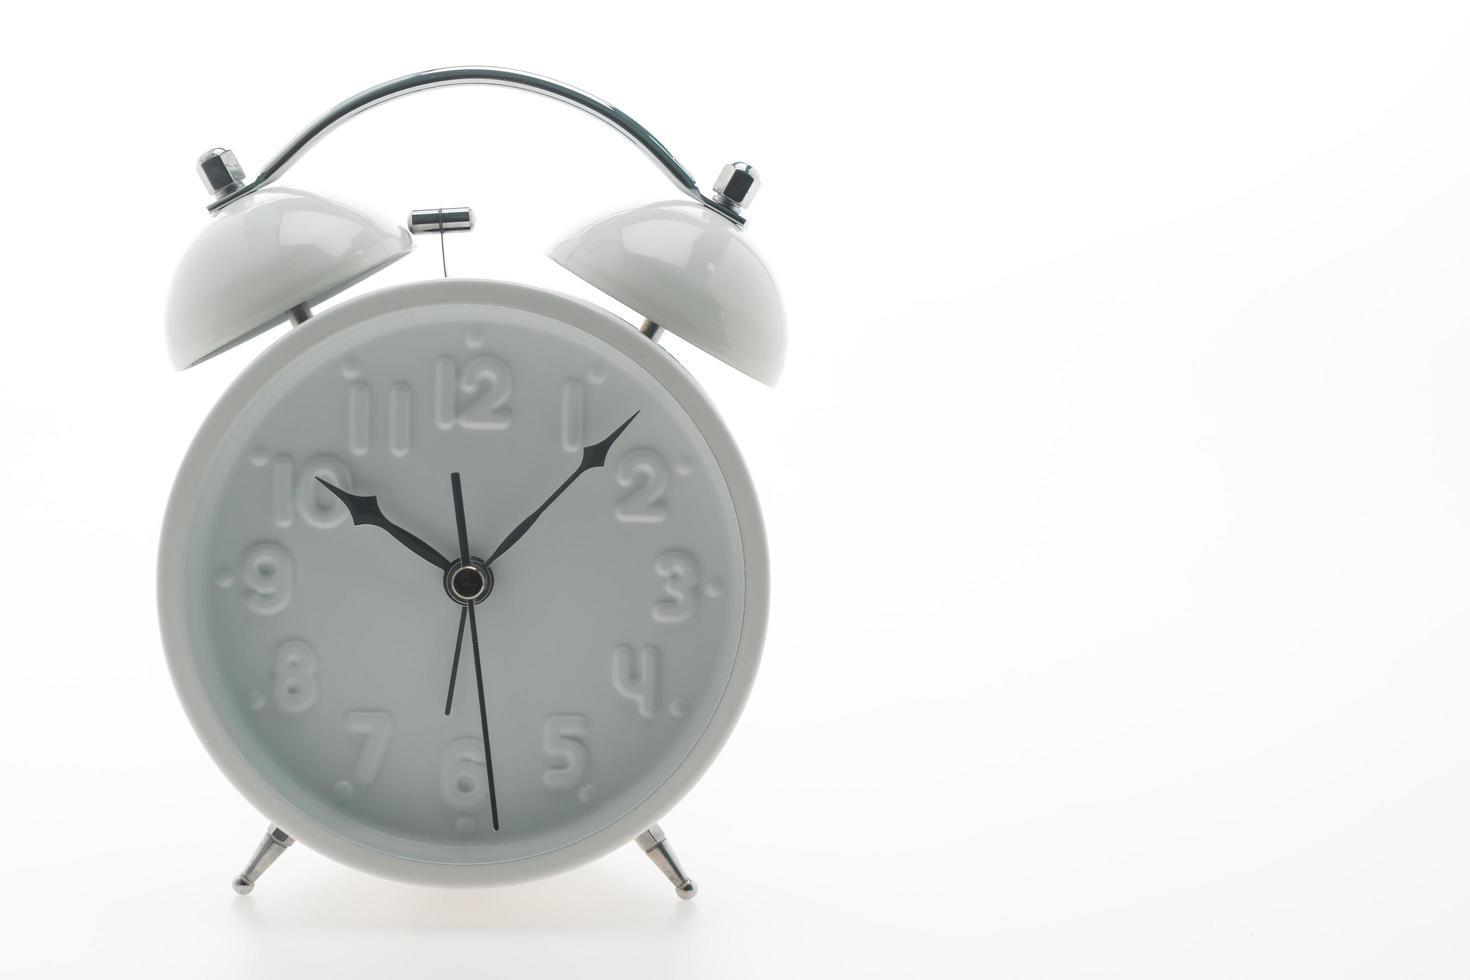 klassisk väckarklocka på vit bakgrund foto